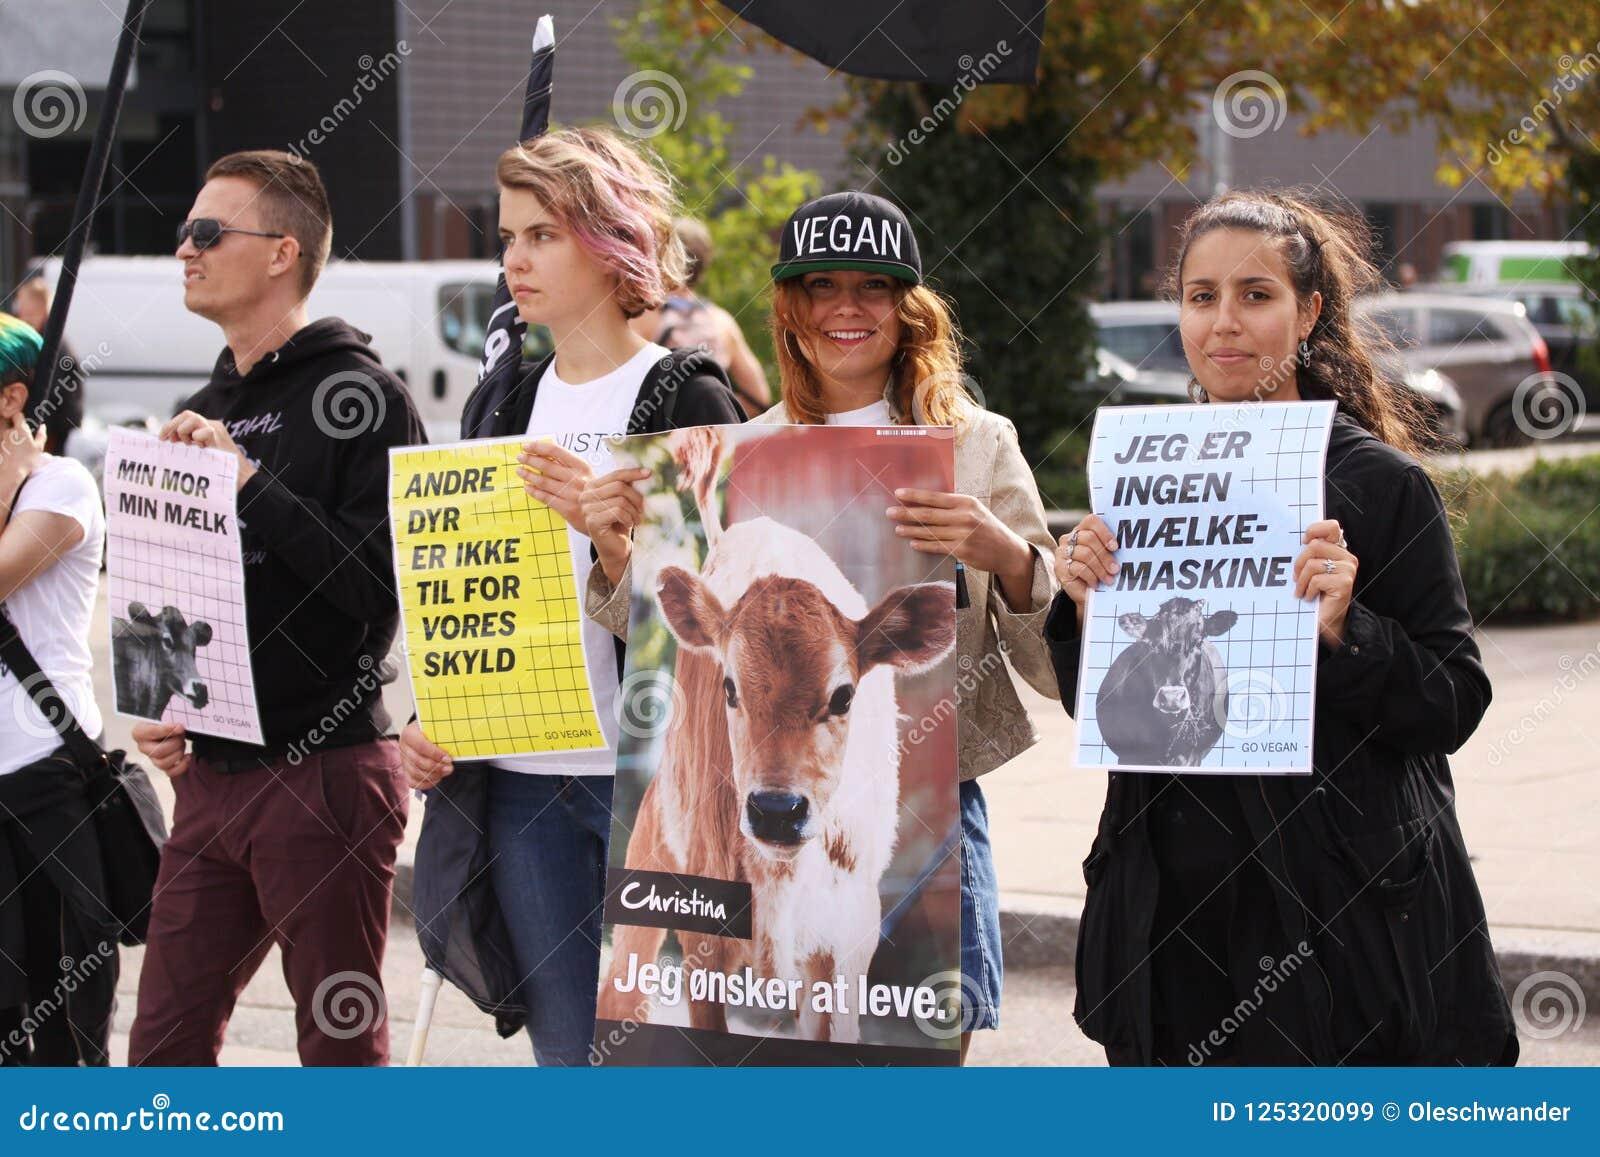 素食主义者和素食主义者动物解放的抗议在示范反对惨暴往动物和吃肉和牛奶店p